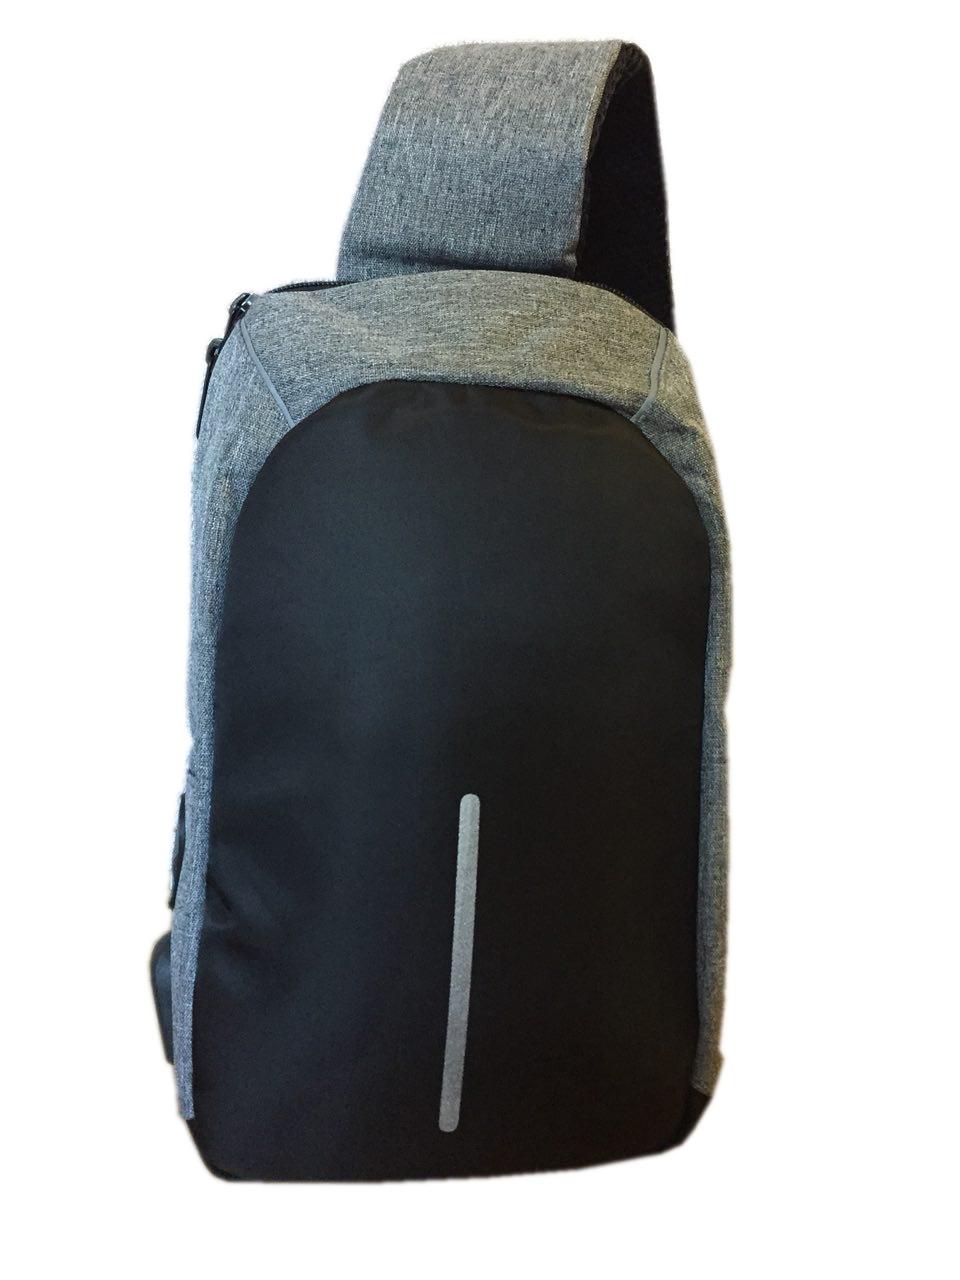 Городская сумка Bobby Mini с защитой от карманников, цвет СЕРЫЙ